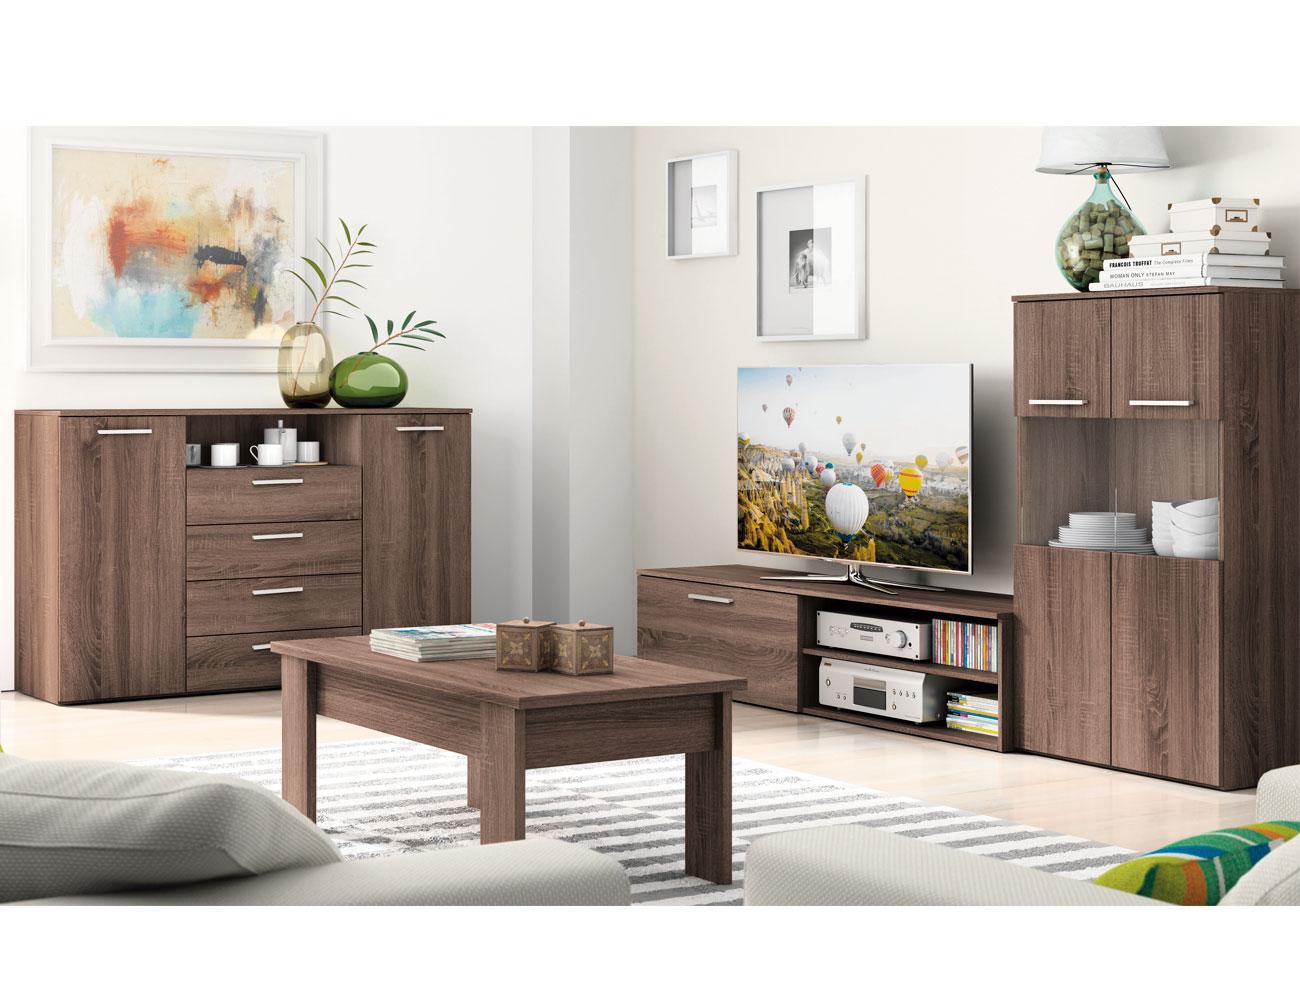 Mueble salon moderno britannia 403